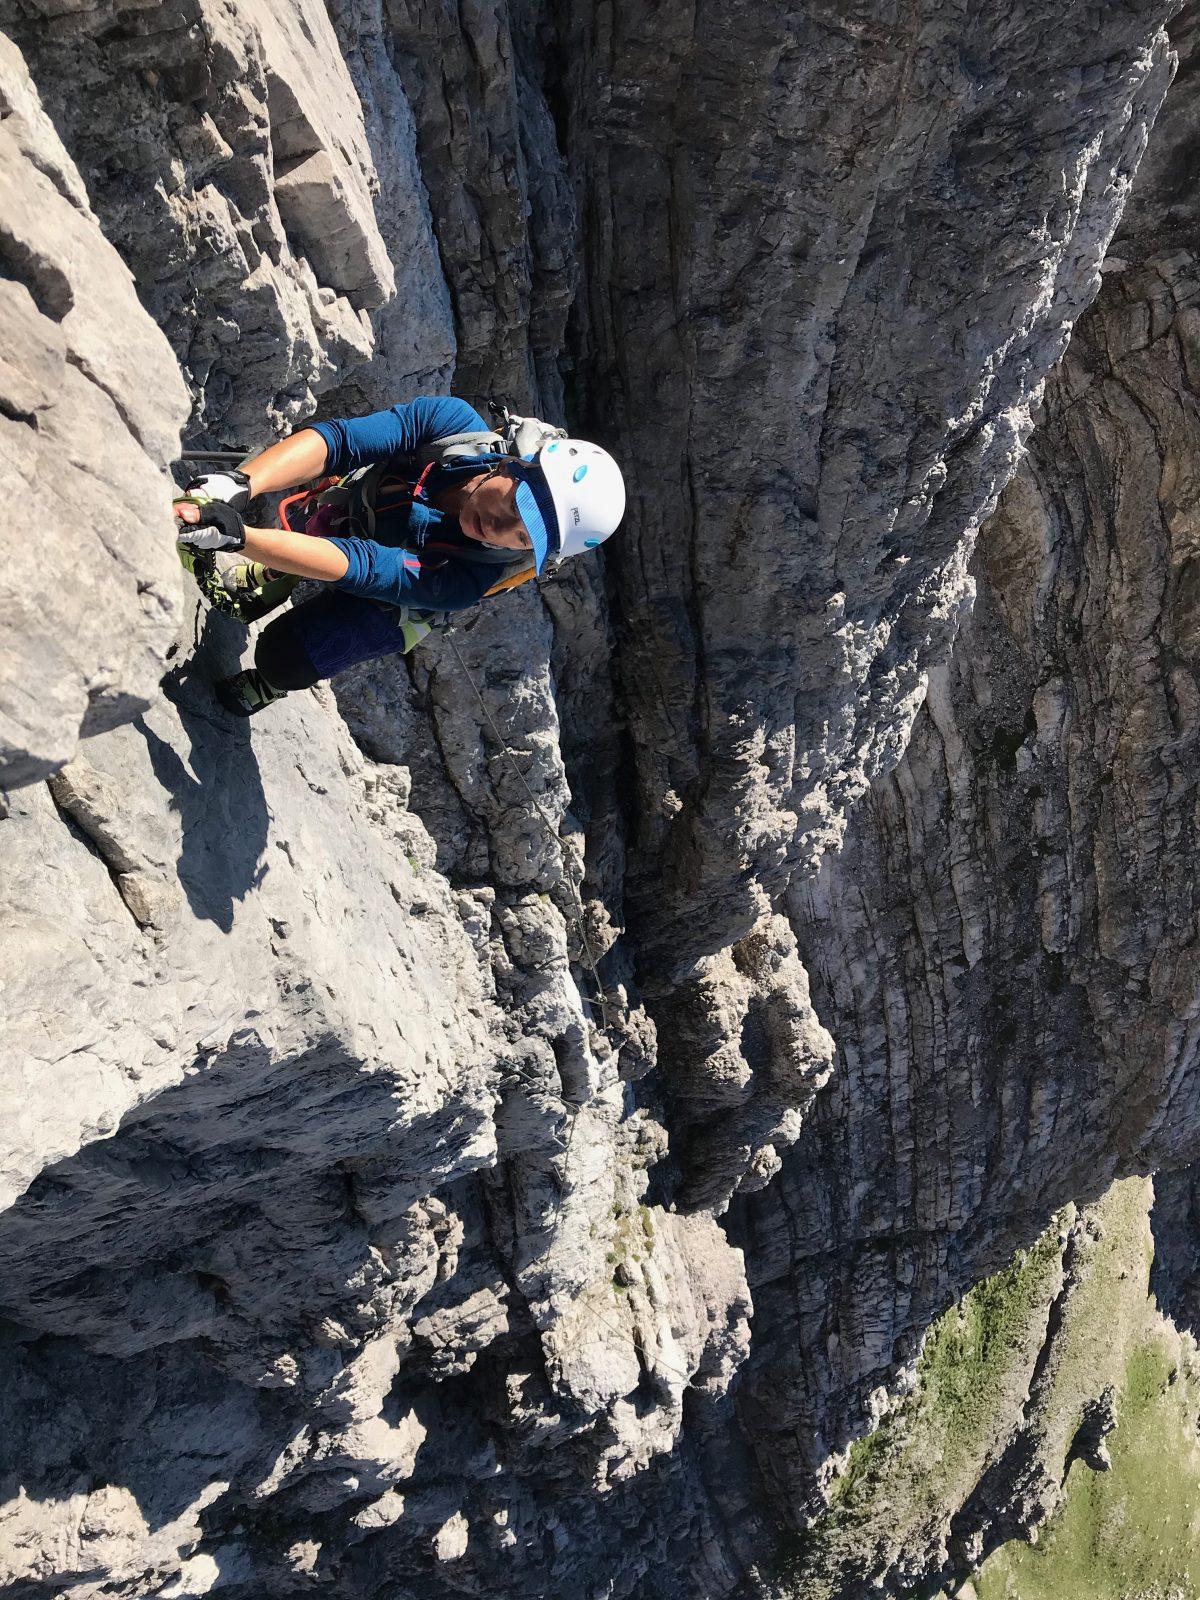 Steile Passage im ersten Drittel des Imster Klettersteiges, Foto: Susa Schreiner |Climbers Paradise